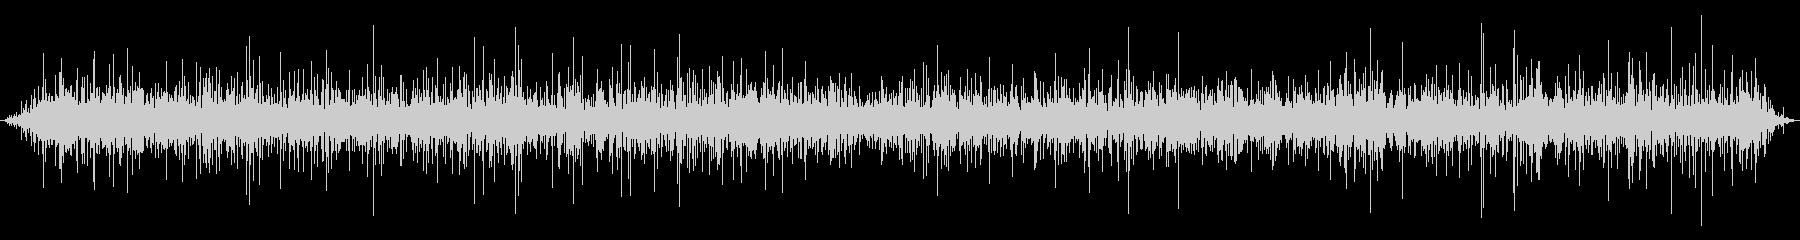 ブルックオアストリーム:スロートリ...の未再生の波形